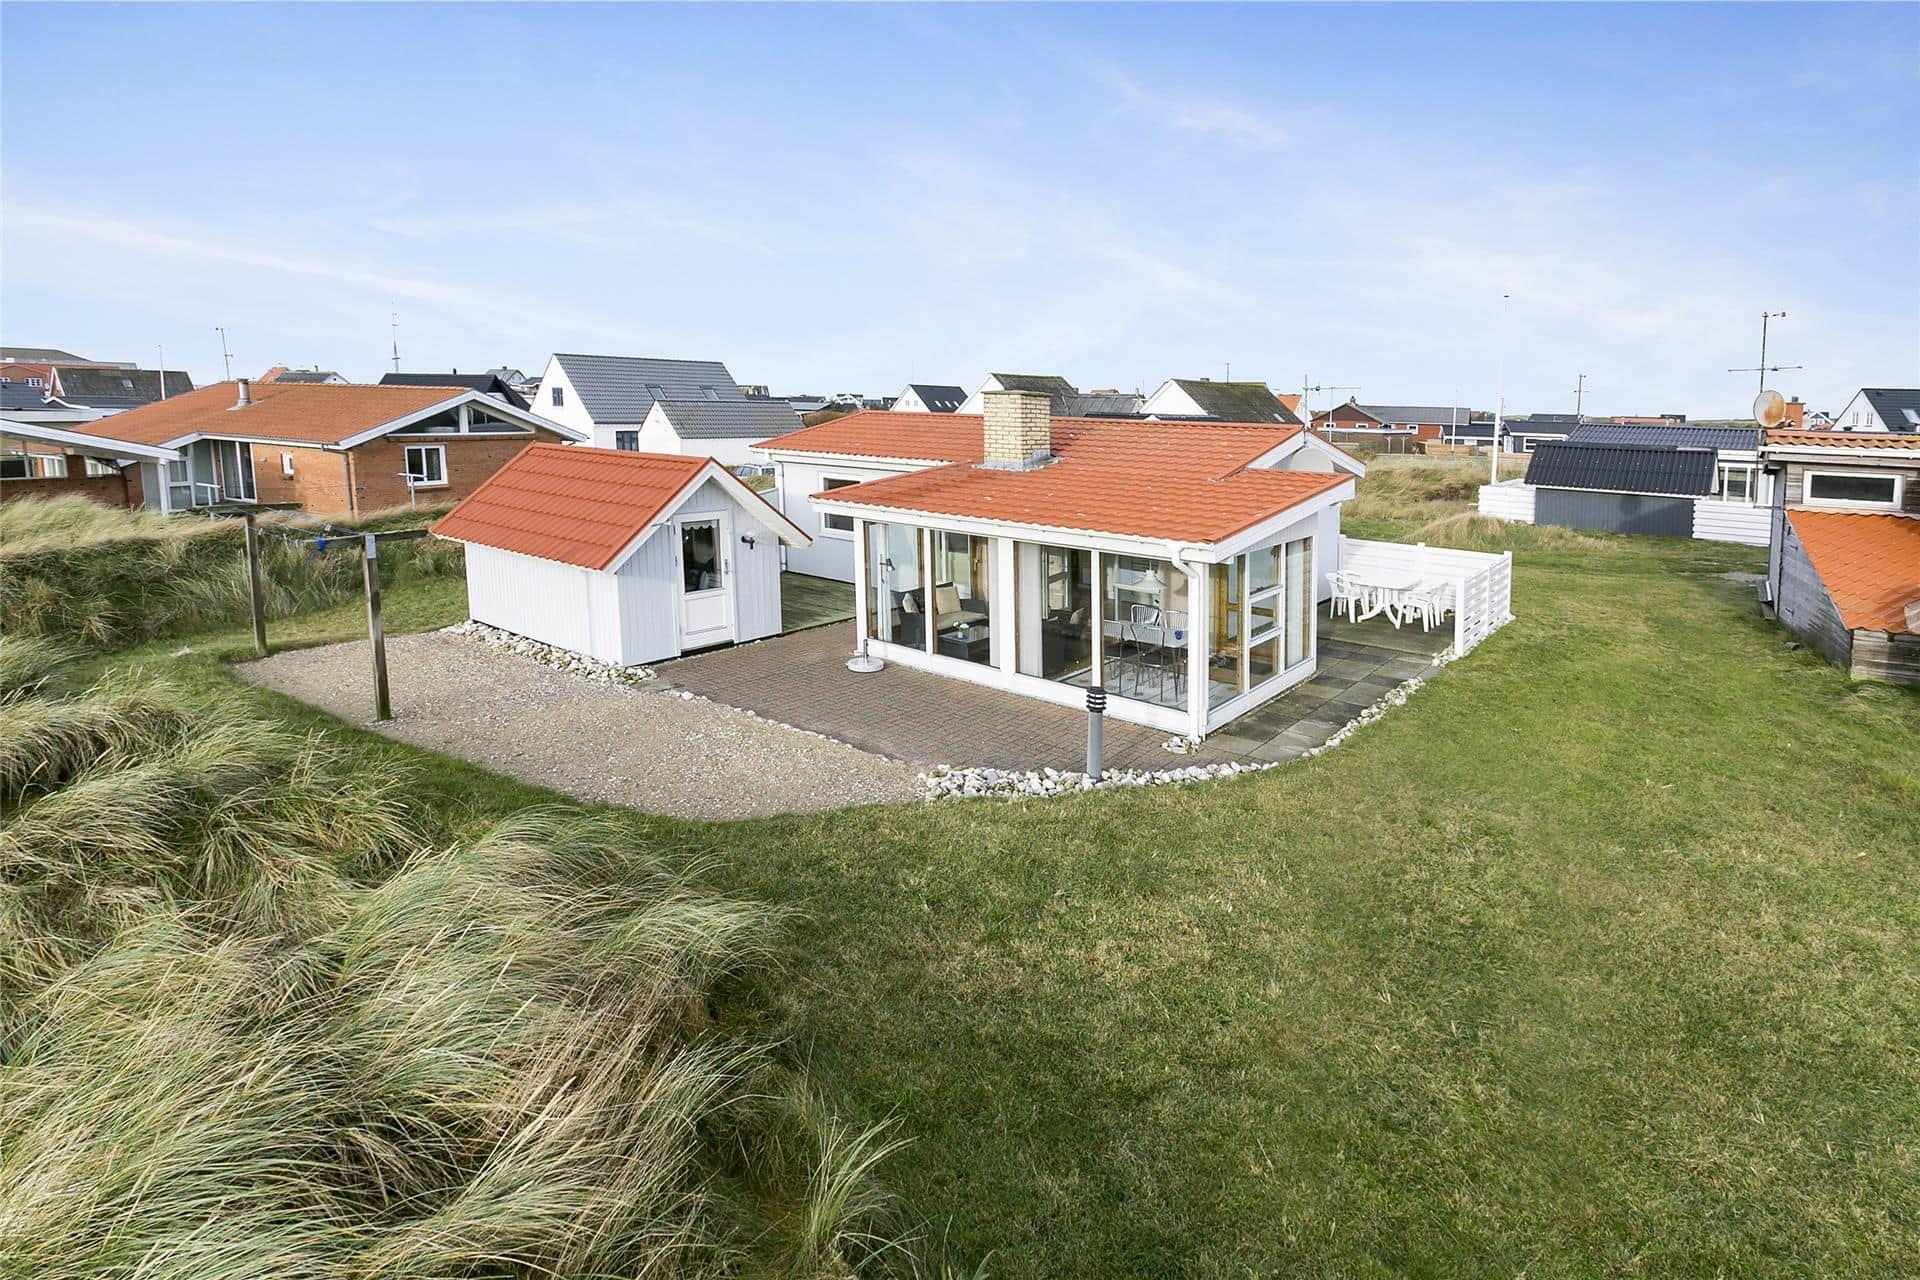 Billede 1-13 Sommerhus 422, Nordsøvej 22, DK - 7700 Thisted